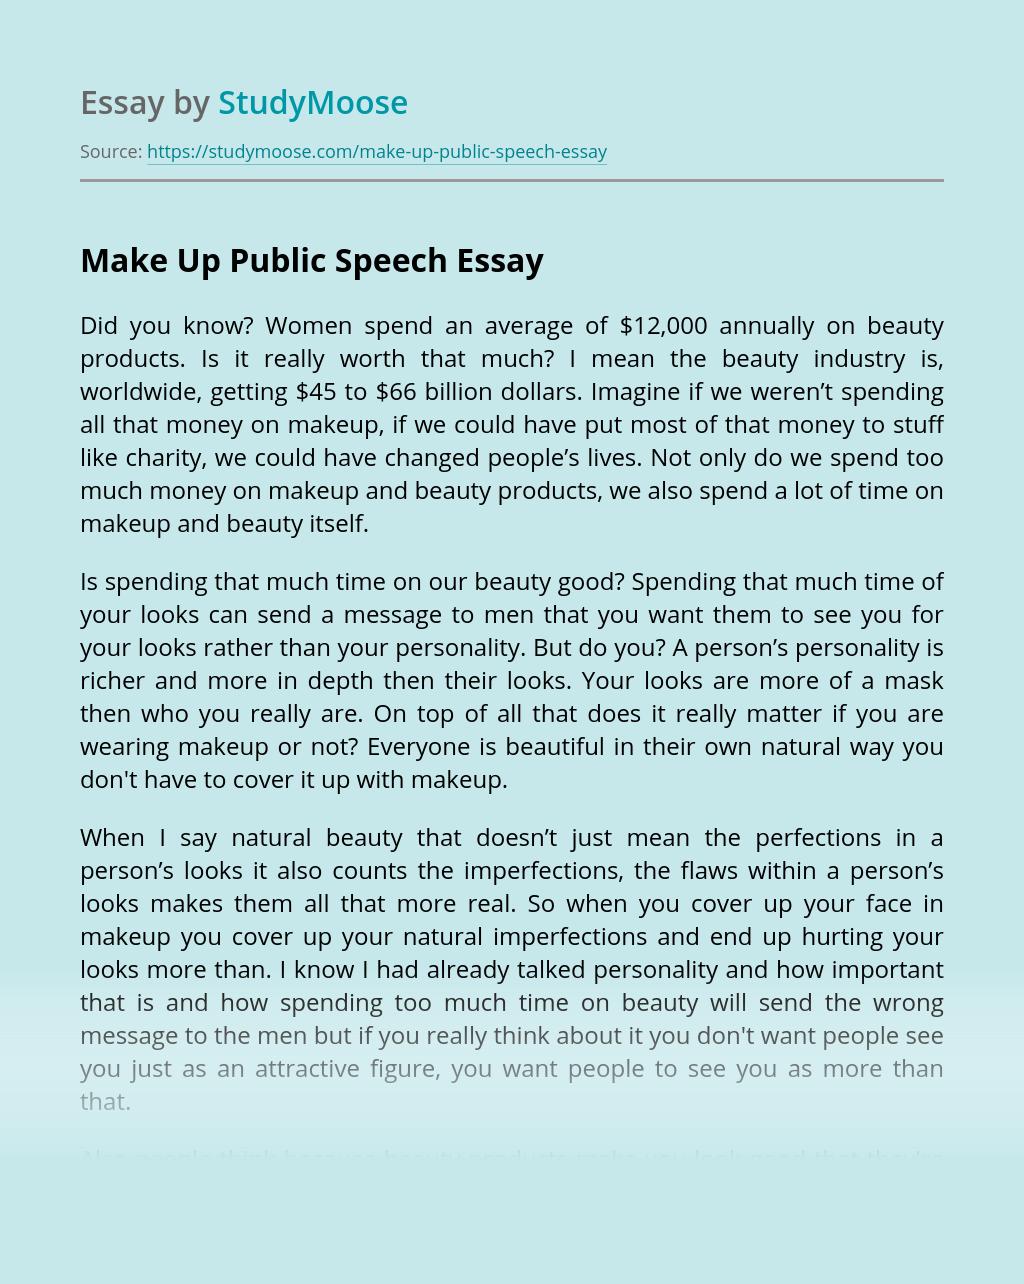 Make Up Public Speech